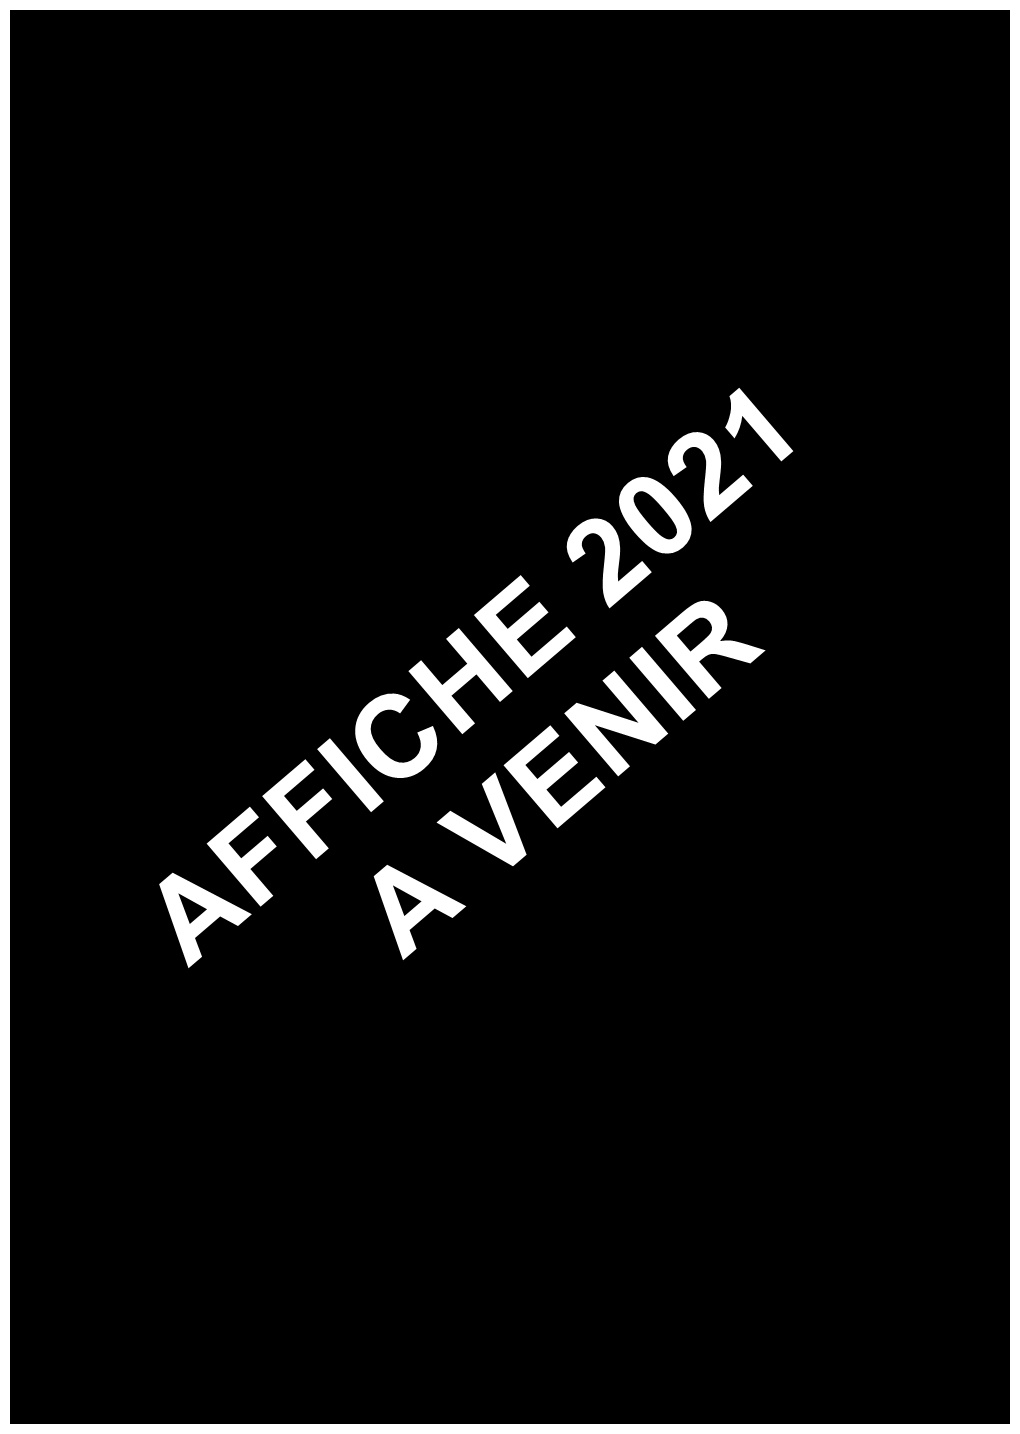 Tournois Tennis - Masters Arthur Ashe Saison 2019 / 2020